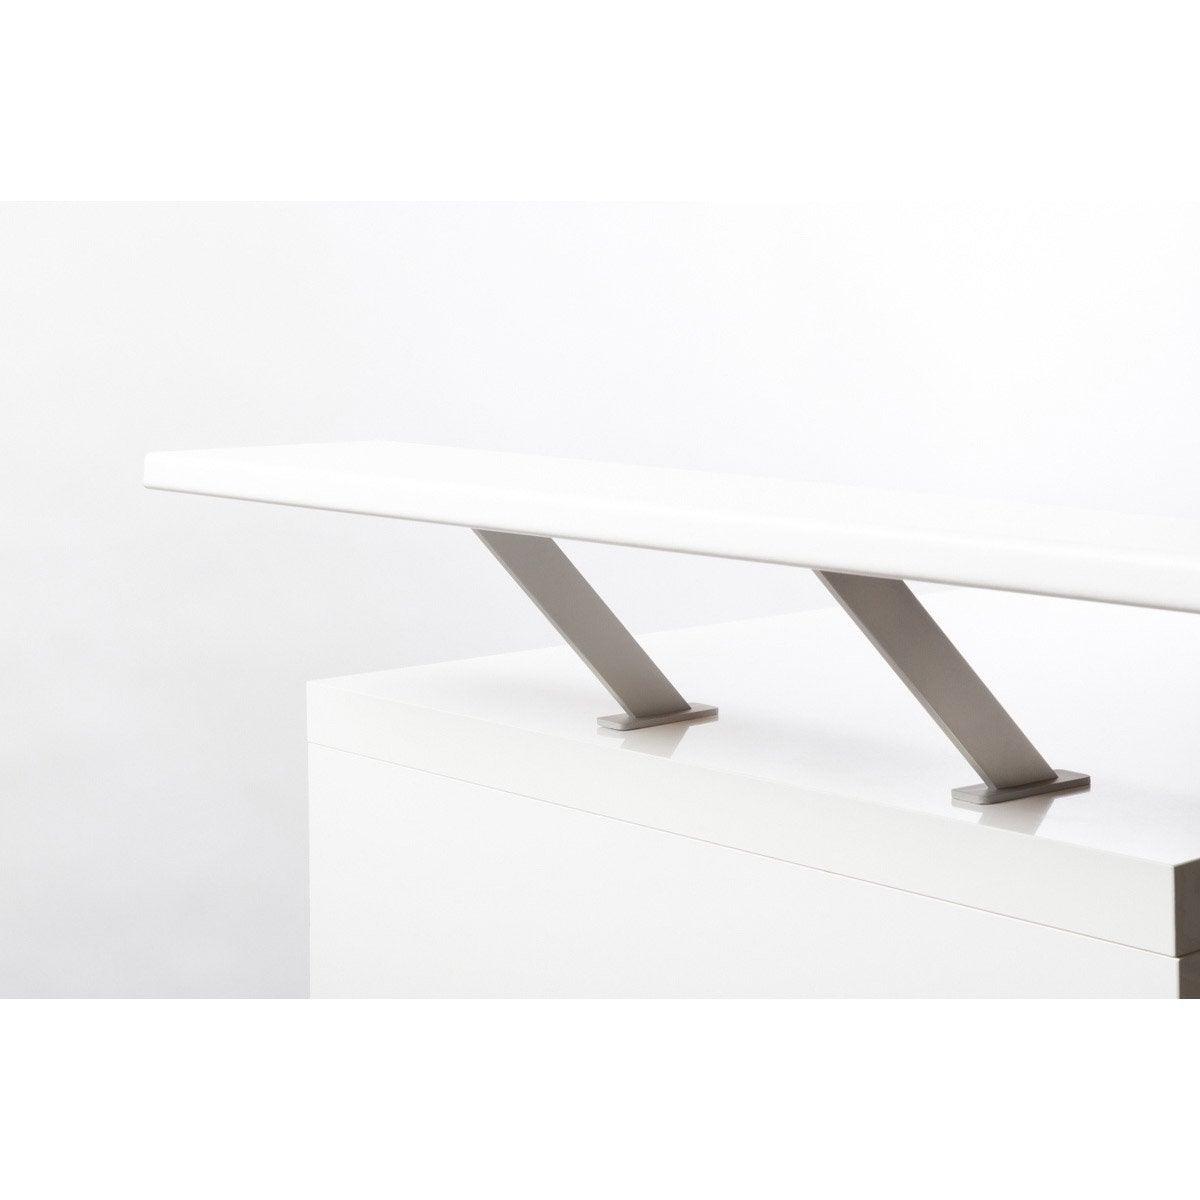 support snack pour tablette en bois gris x l 4 cm leroy merlin. Black Bedroom Furniture Sets. Home Design Ideas